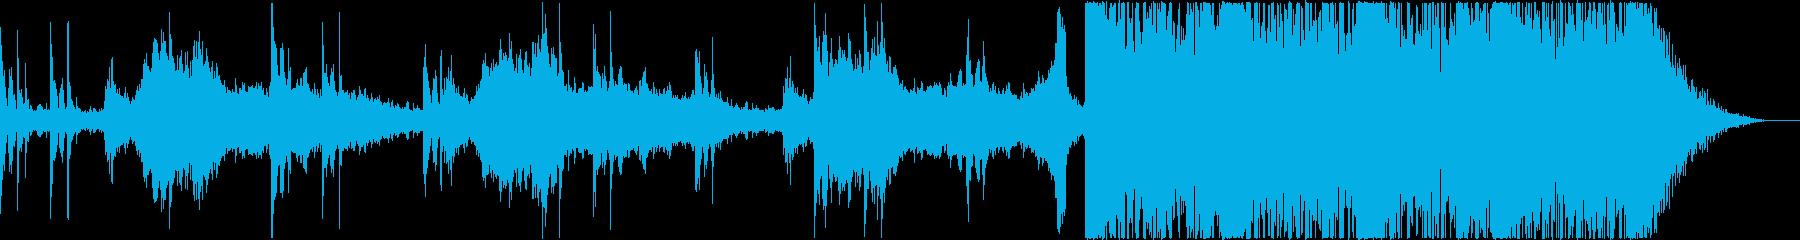 <トレーラー>映画・ゲームetcの再生済みの波形